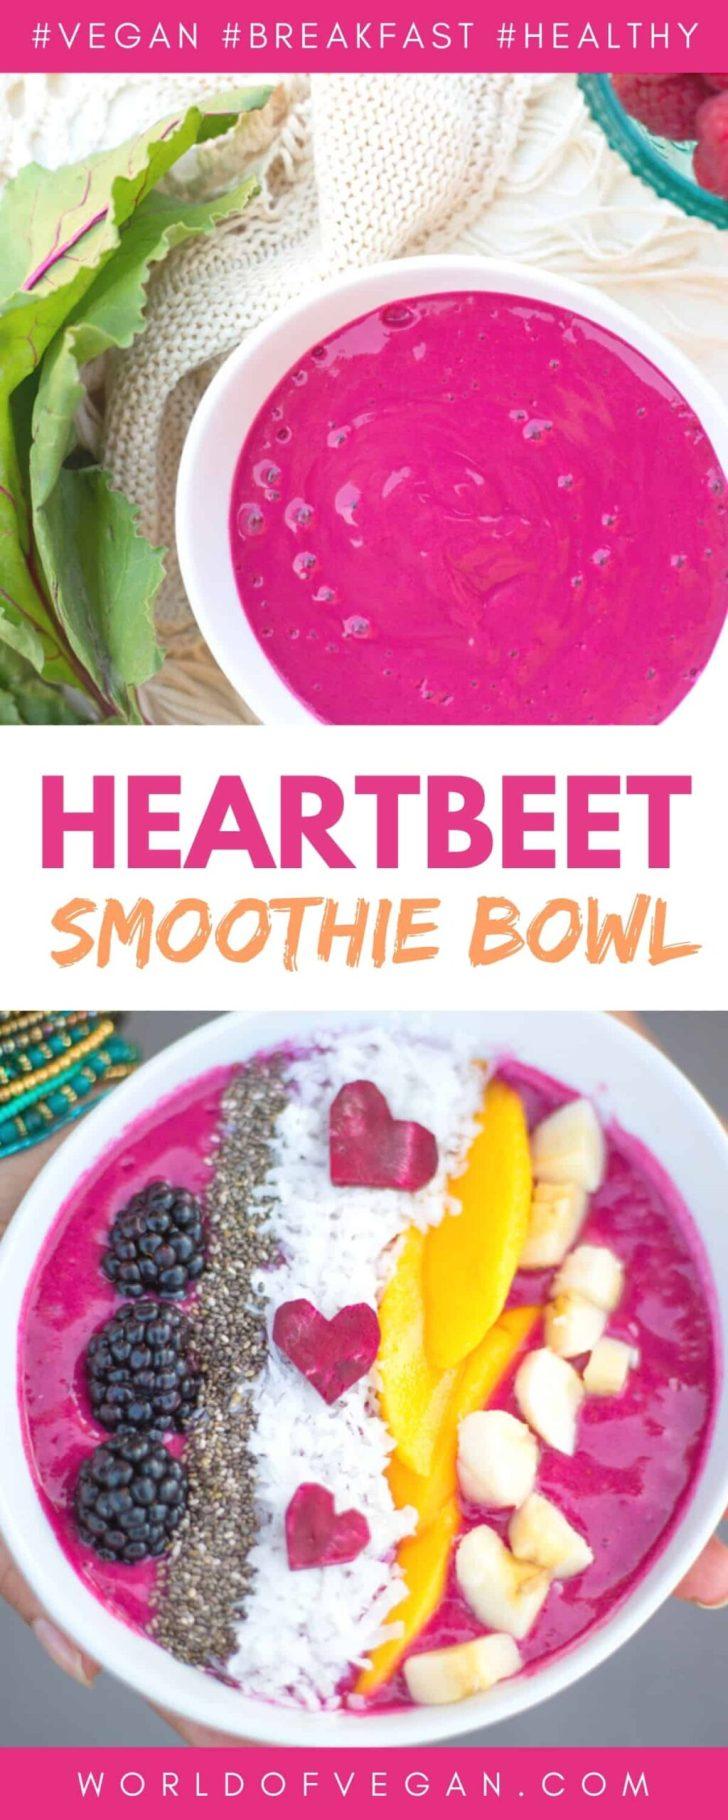 Vegan Heart Beet Smoothie Bowl Recipe